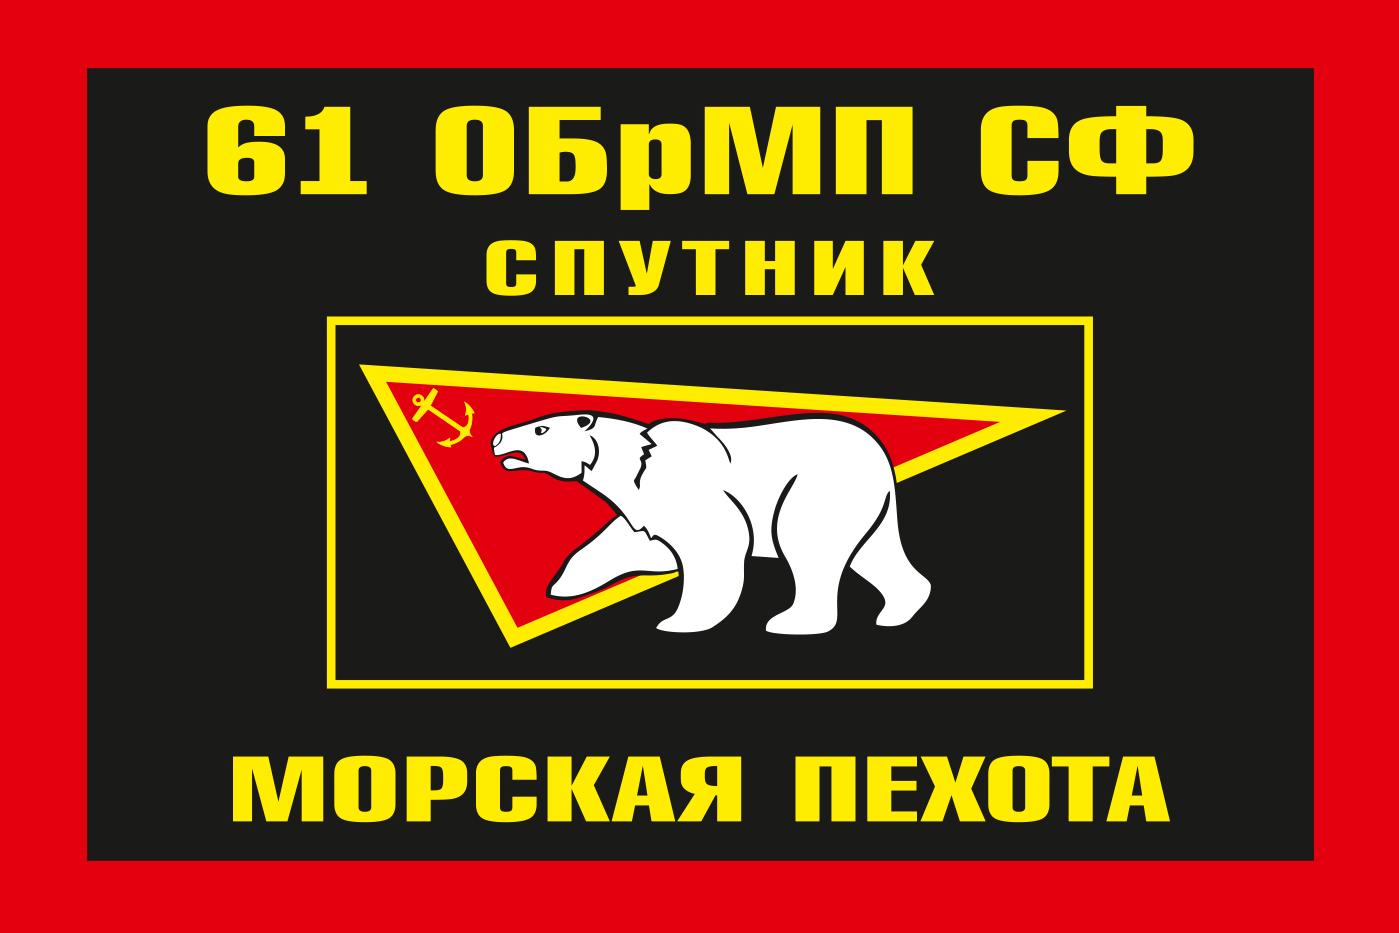 Флаг Морской пехоты 1617 ОЗРАД Северный флот